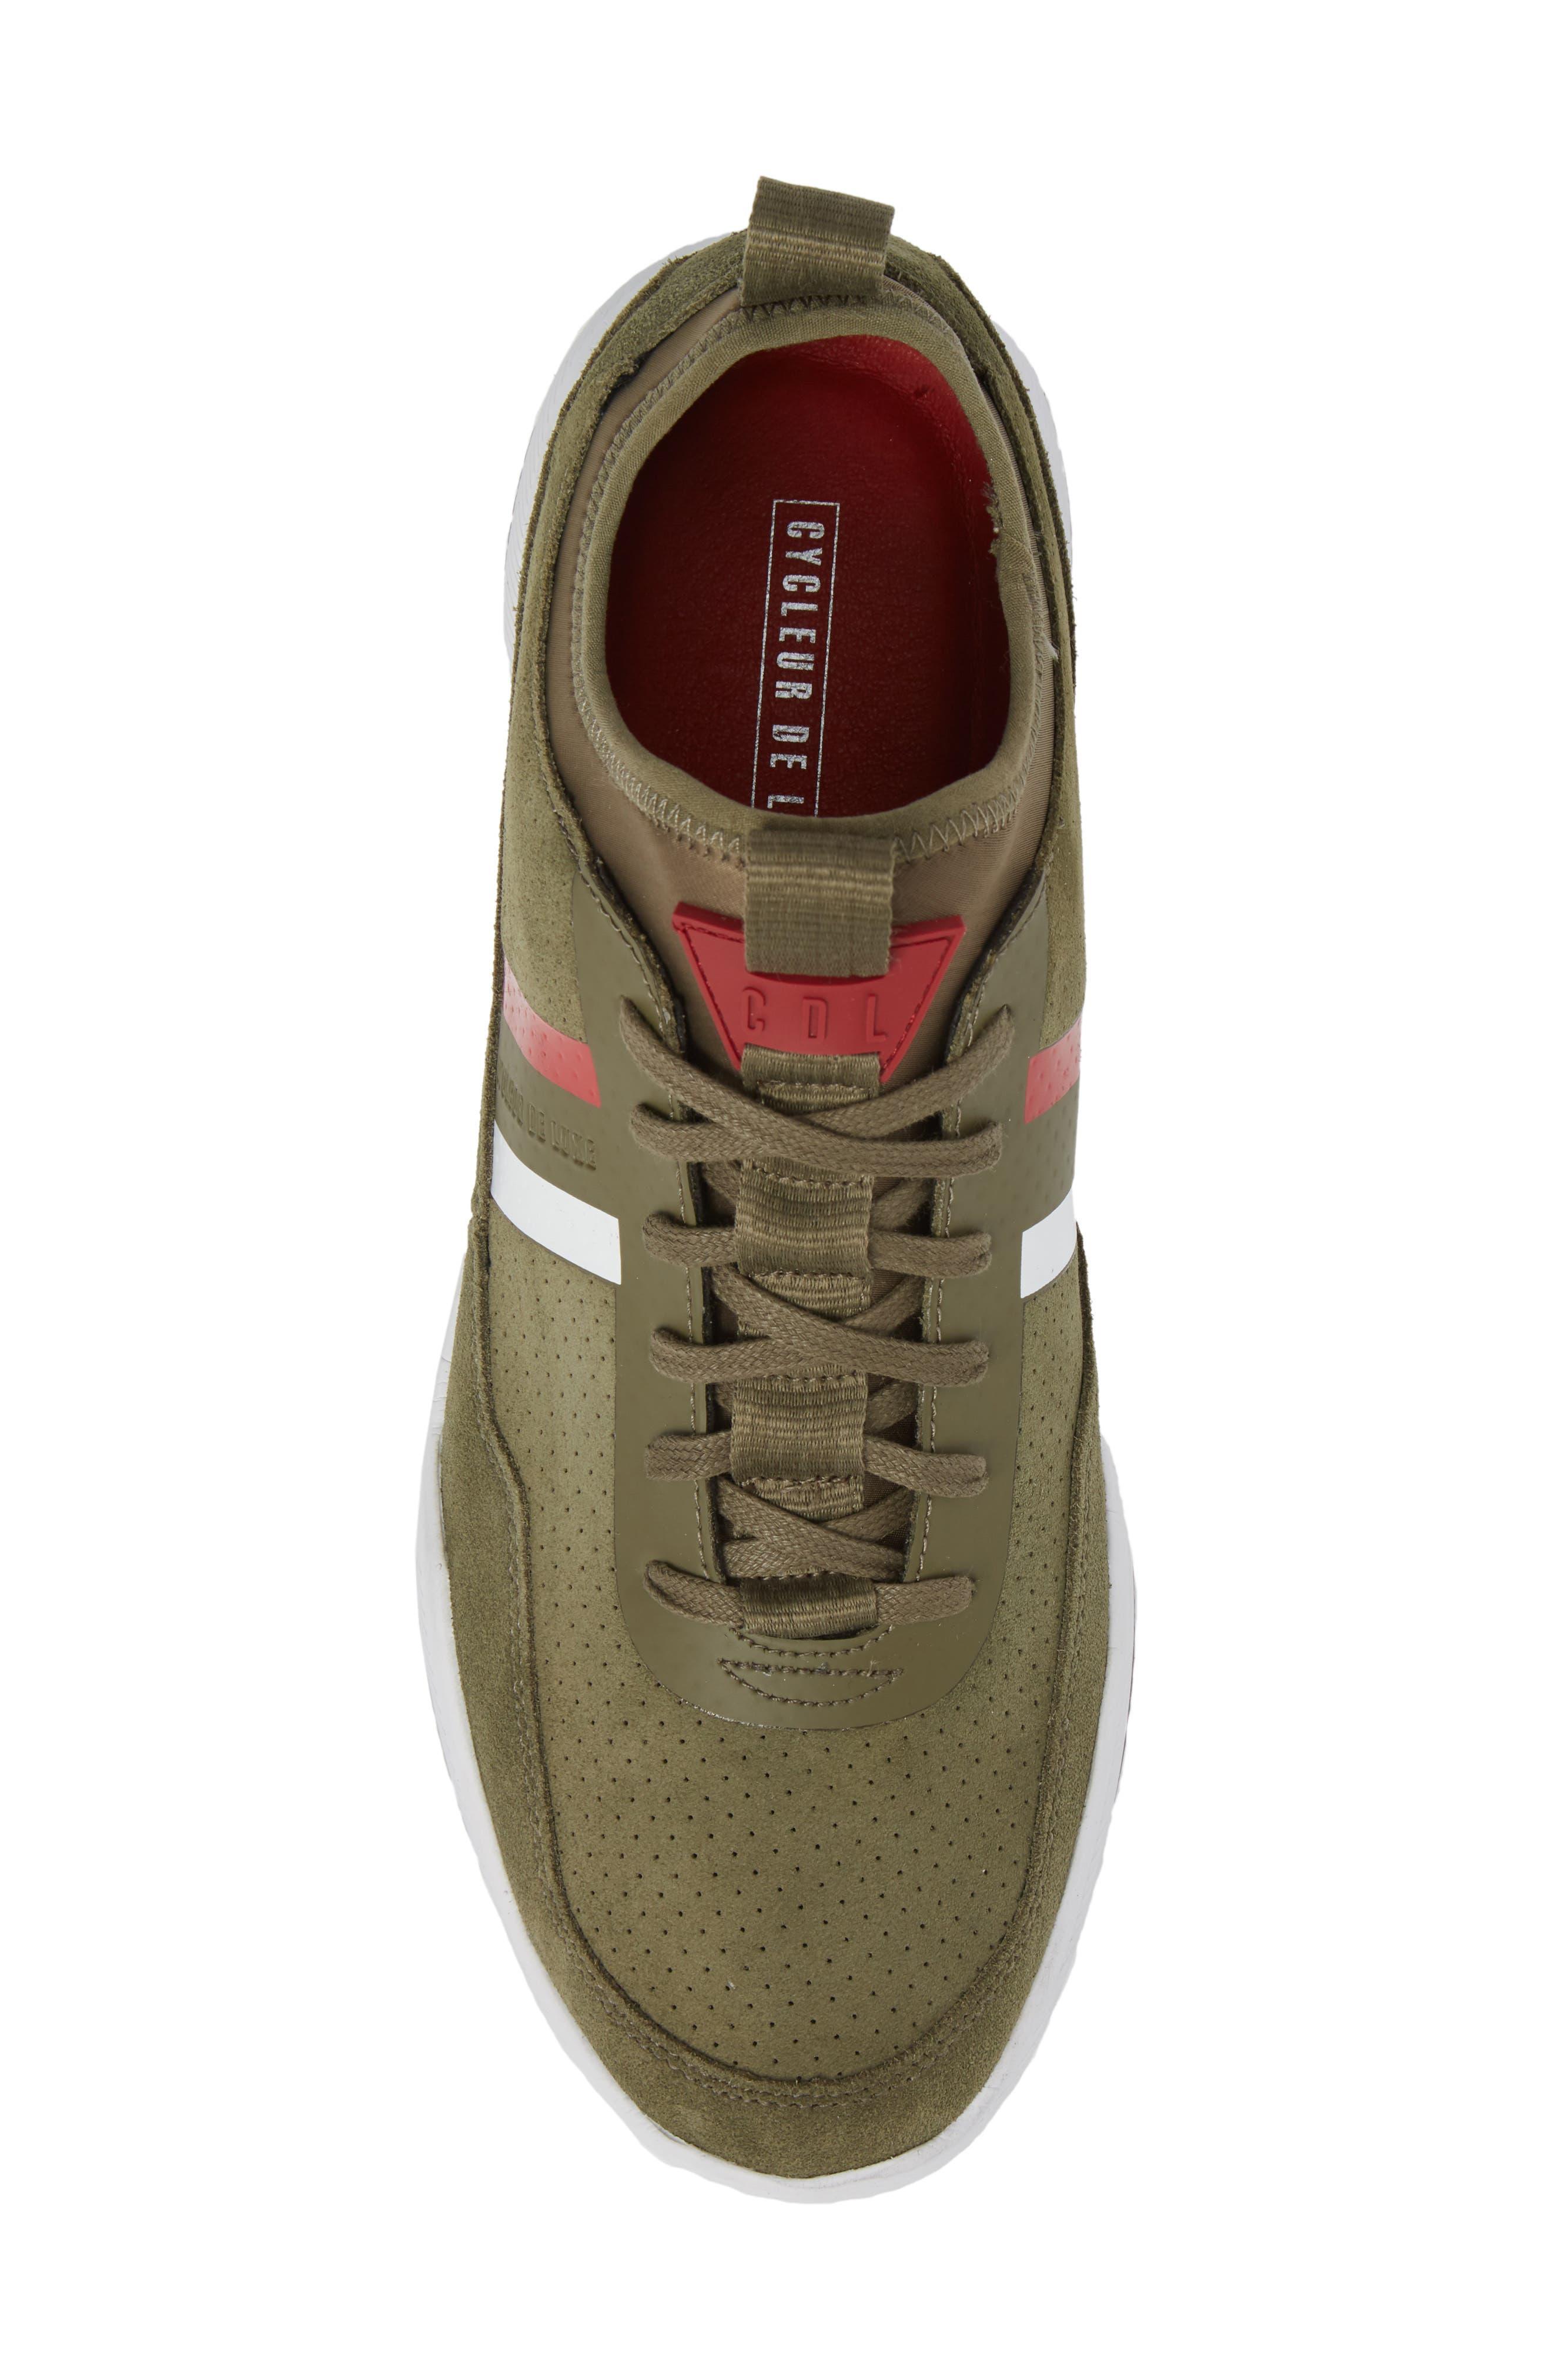 Shiro Hi Sock Fit Sneaker,                             Alternate thumbnail 5, color,                             Military Green Suede